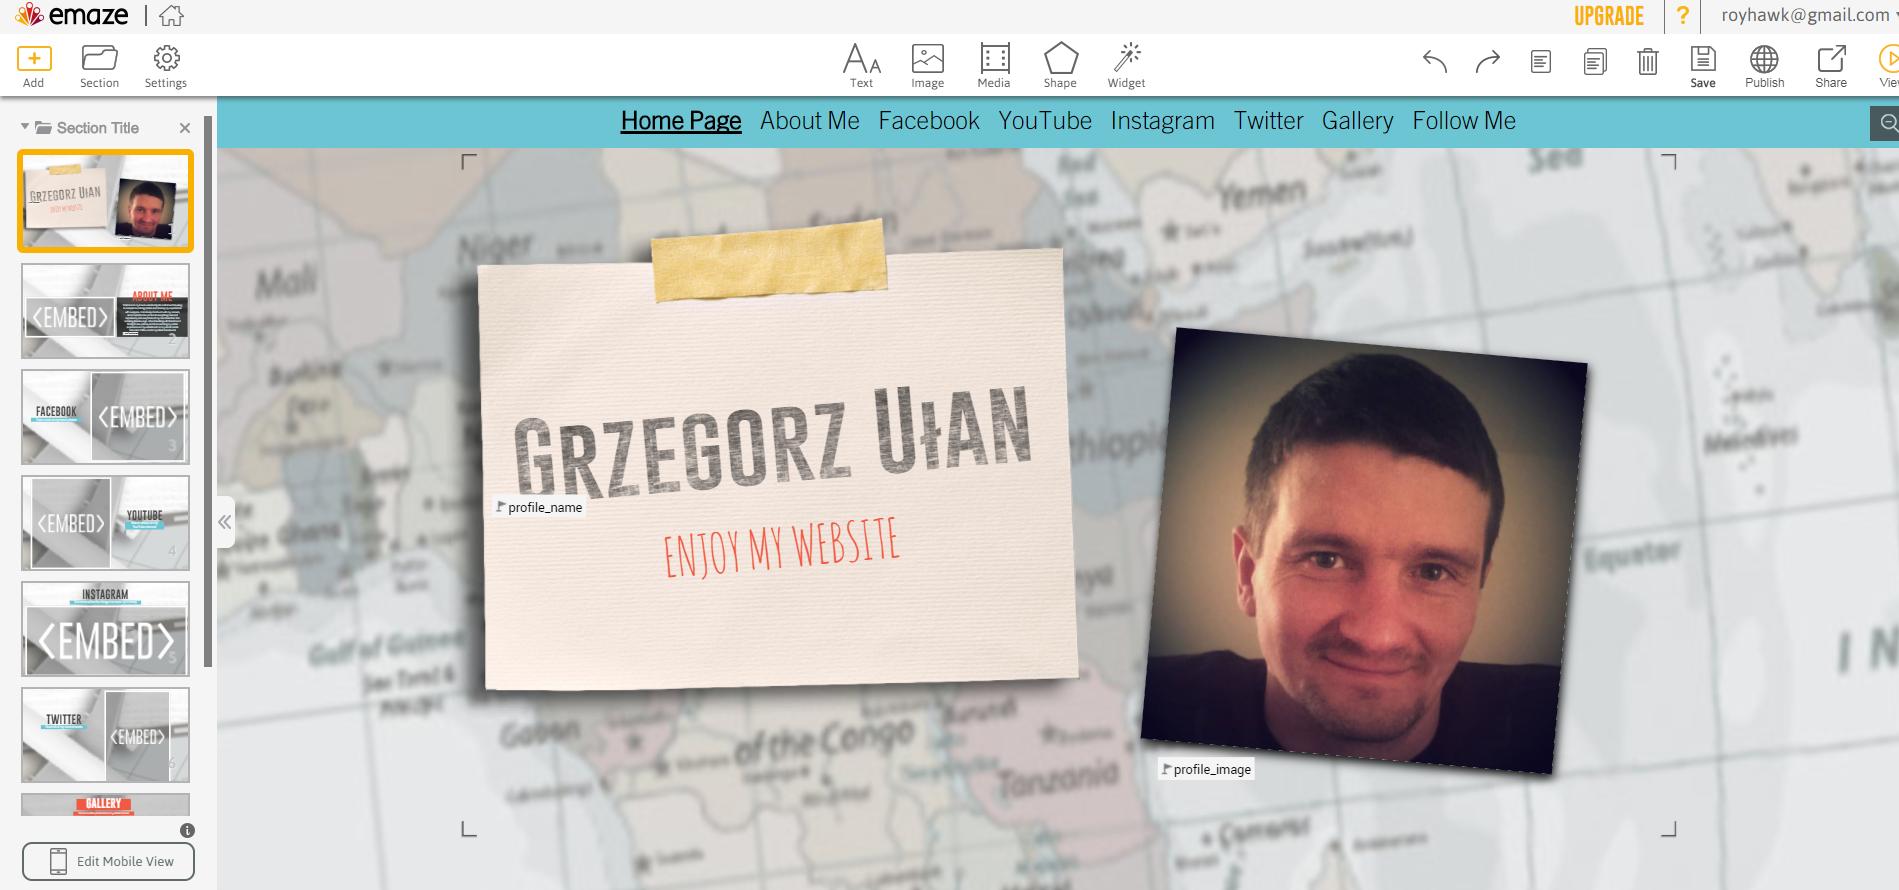 emaze.me tworzenie strony - edycja strony